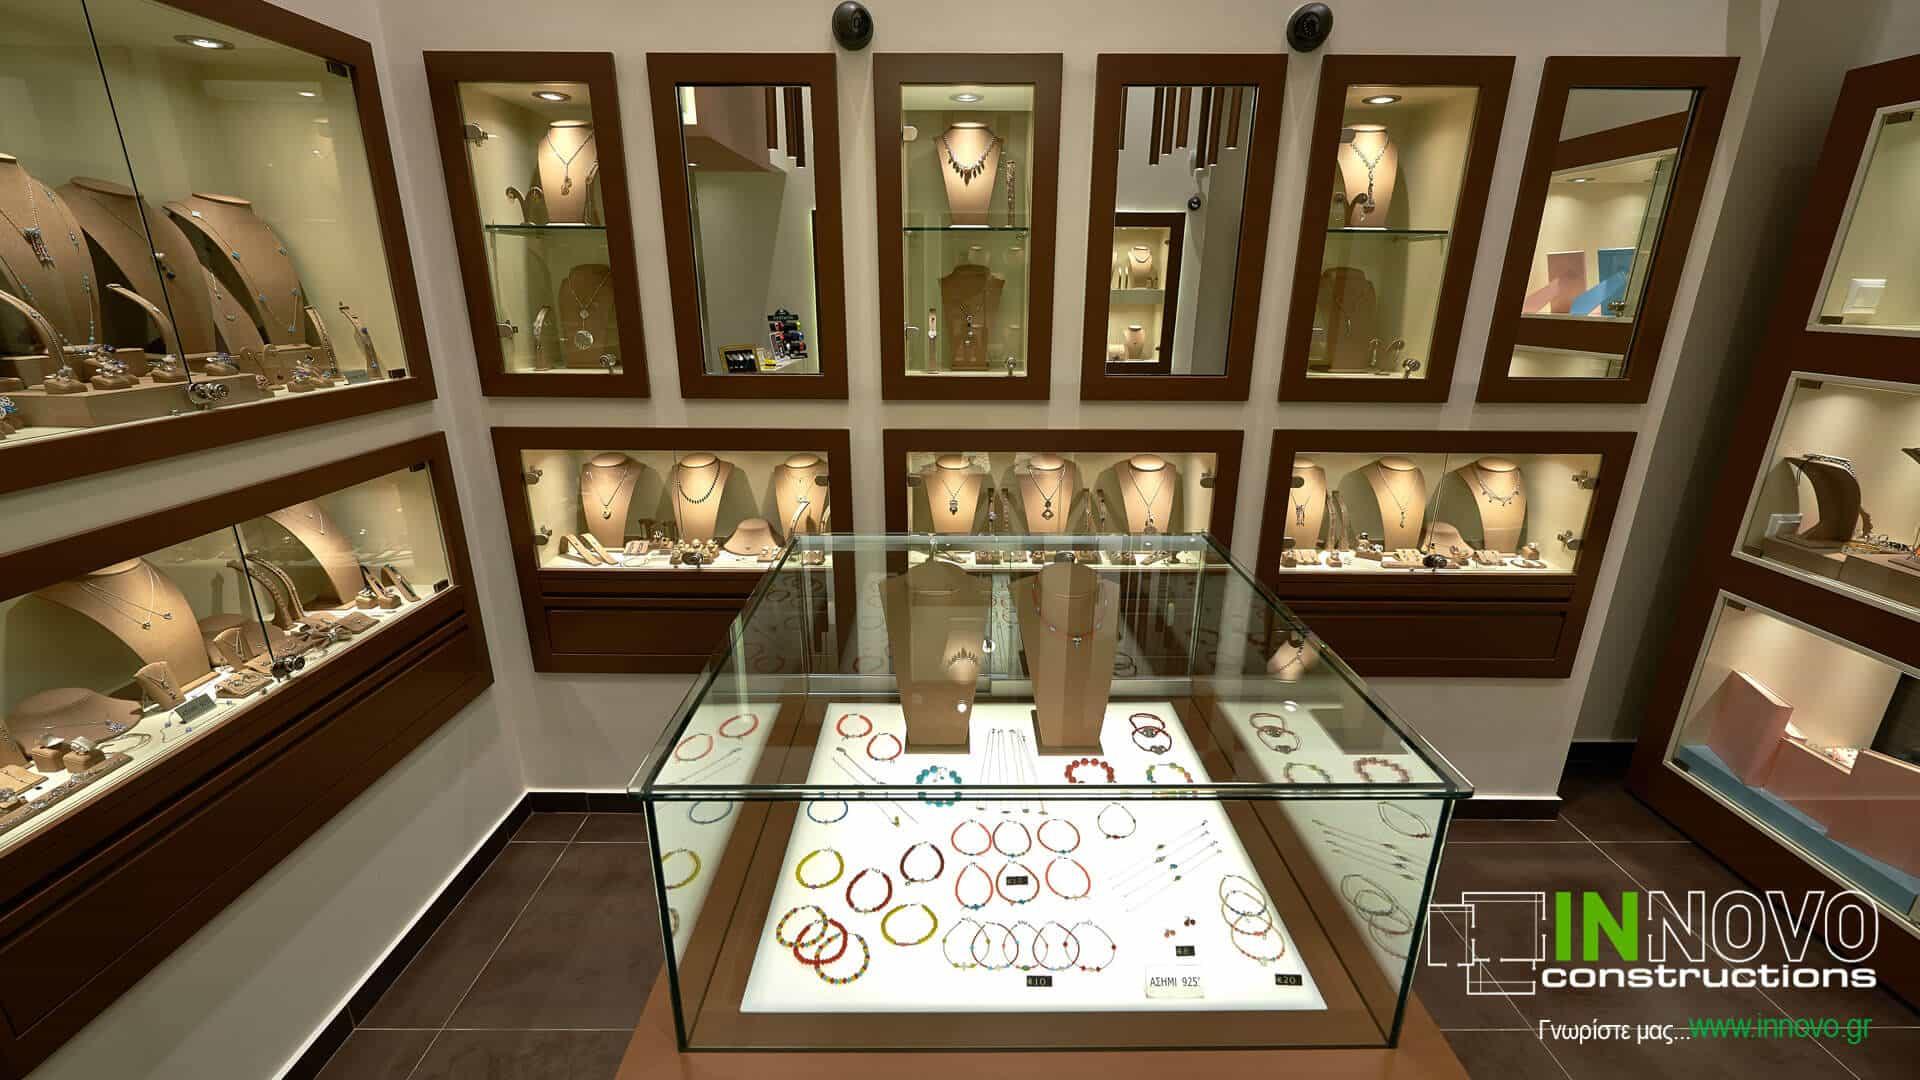 kataskevi-kosmimatopoleiou-jewelry-construction-kosmimatopoleio-neos-kosmos-1429-14